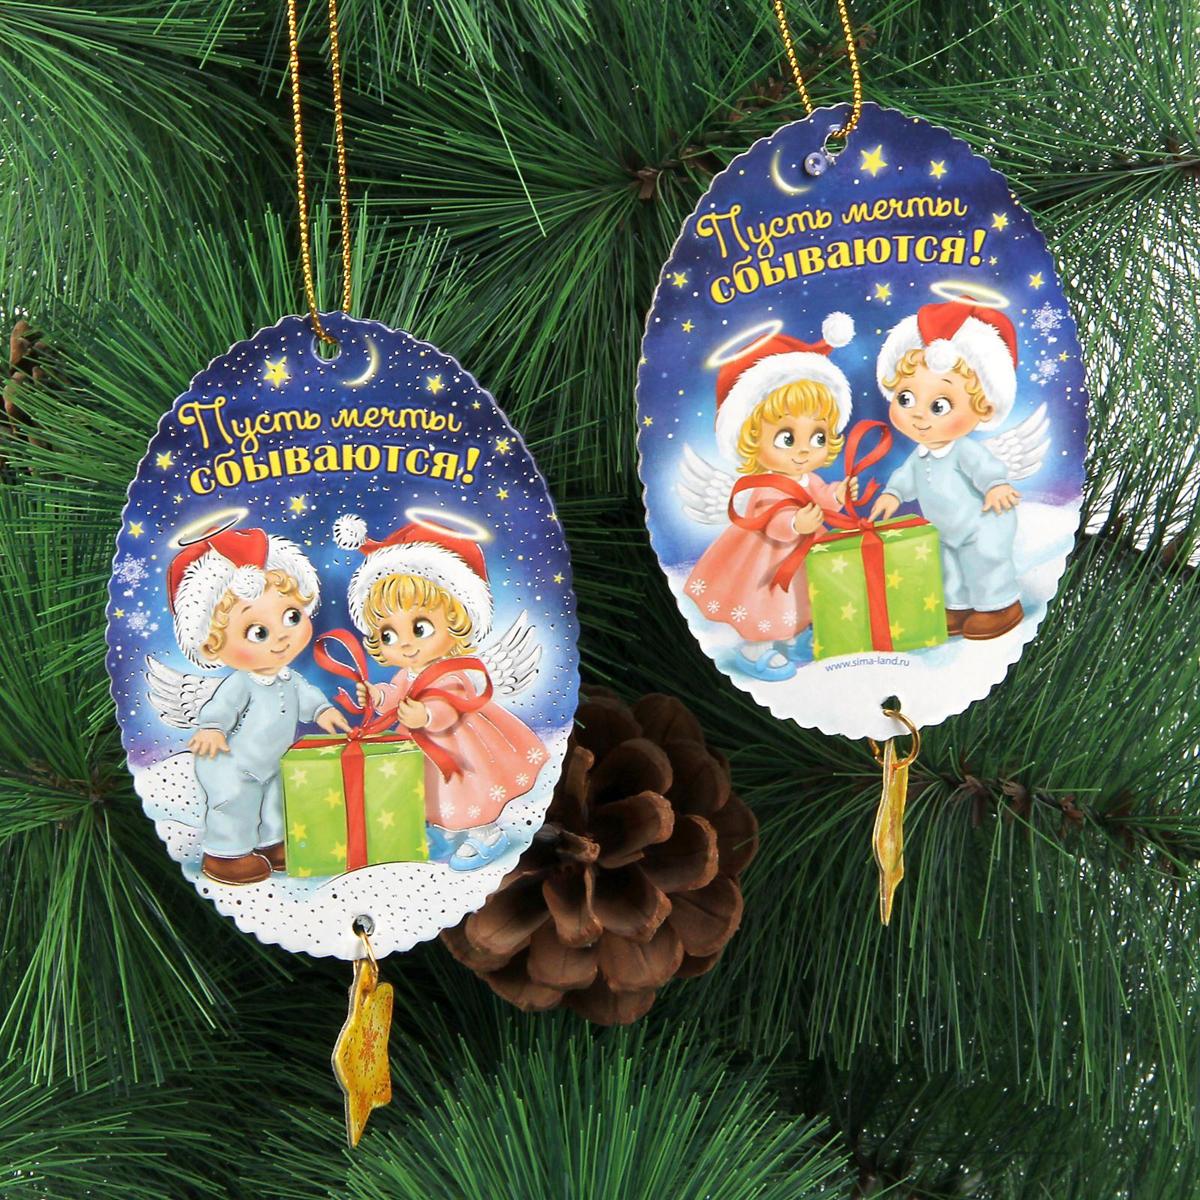 Новогоднее подвесное украшение Sima-land Пусть мечты сбываются, 10 х 7,5 см, 2 шт1353881Новогоднее украшение Sima-land отлично подойдет для декорации вашего дома и новогодней ели.Елочная игрушка - символ Нового года. Она несет в себе волшебство и красоту праздника. Такое украшение создаст в вашем доме атмосферу праздника, веселья и радости.